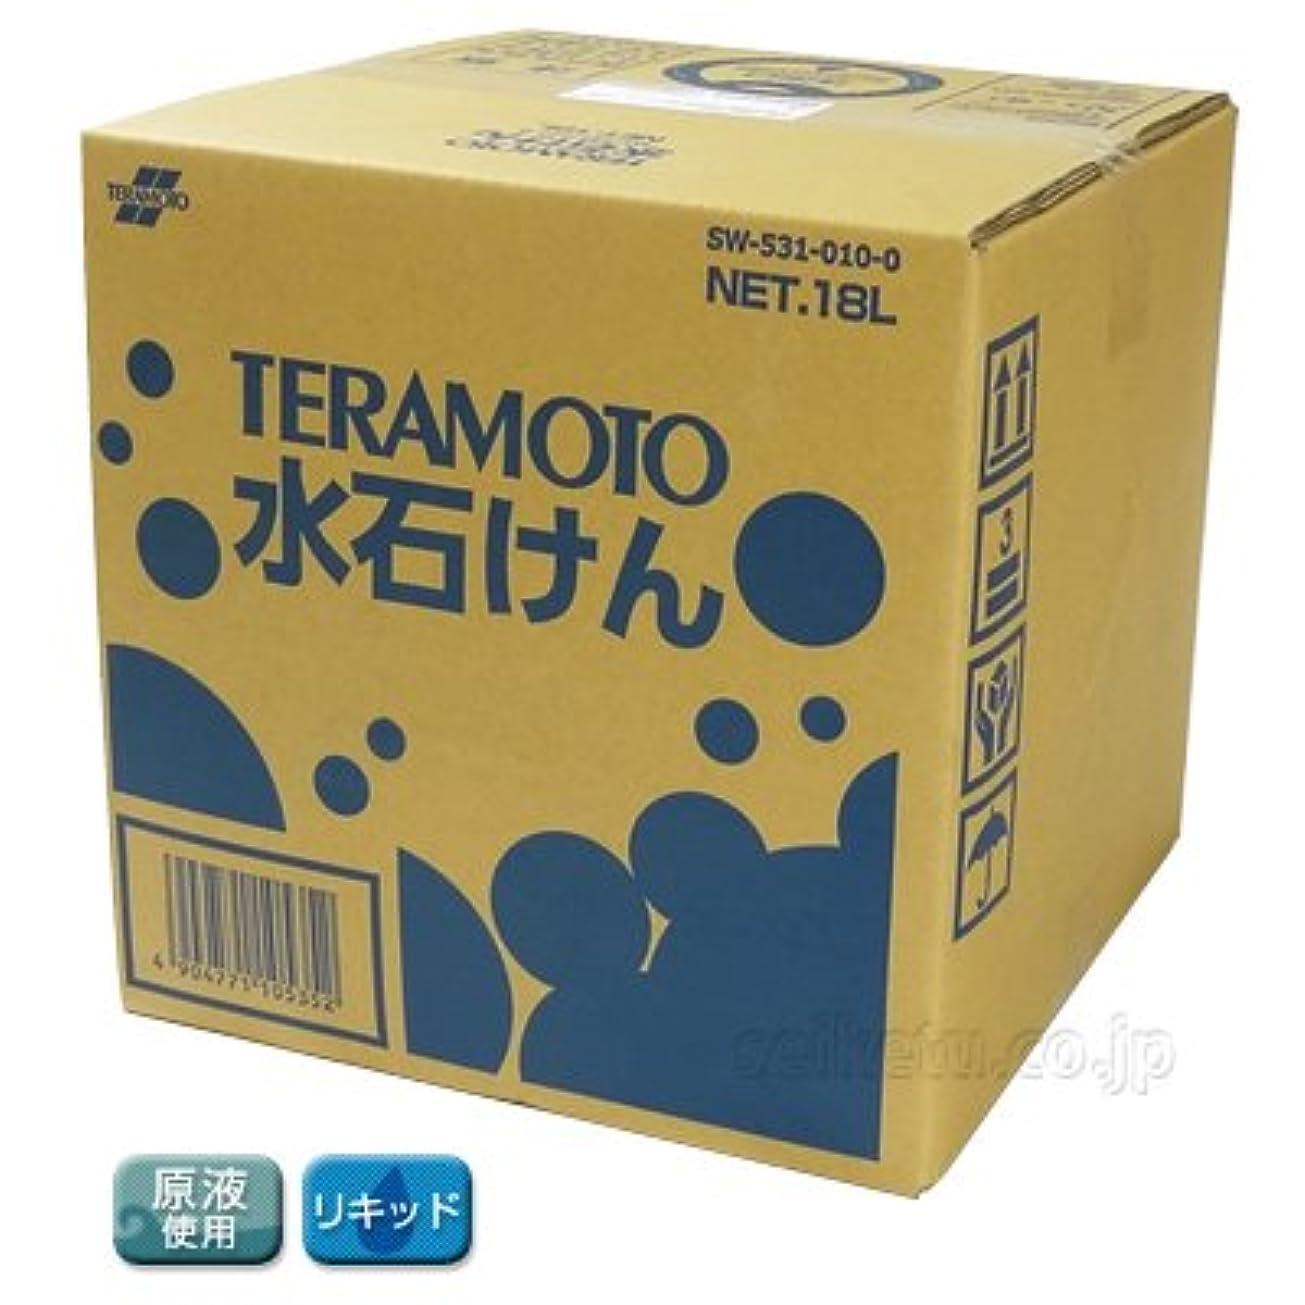 【清潔キレイ館】水玉水石鹸液(18L)